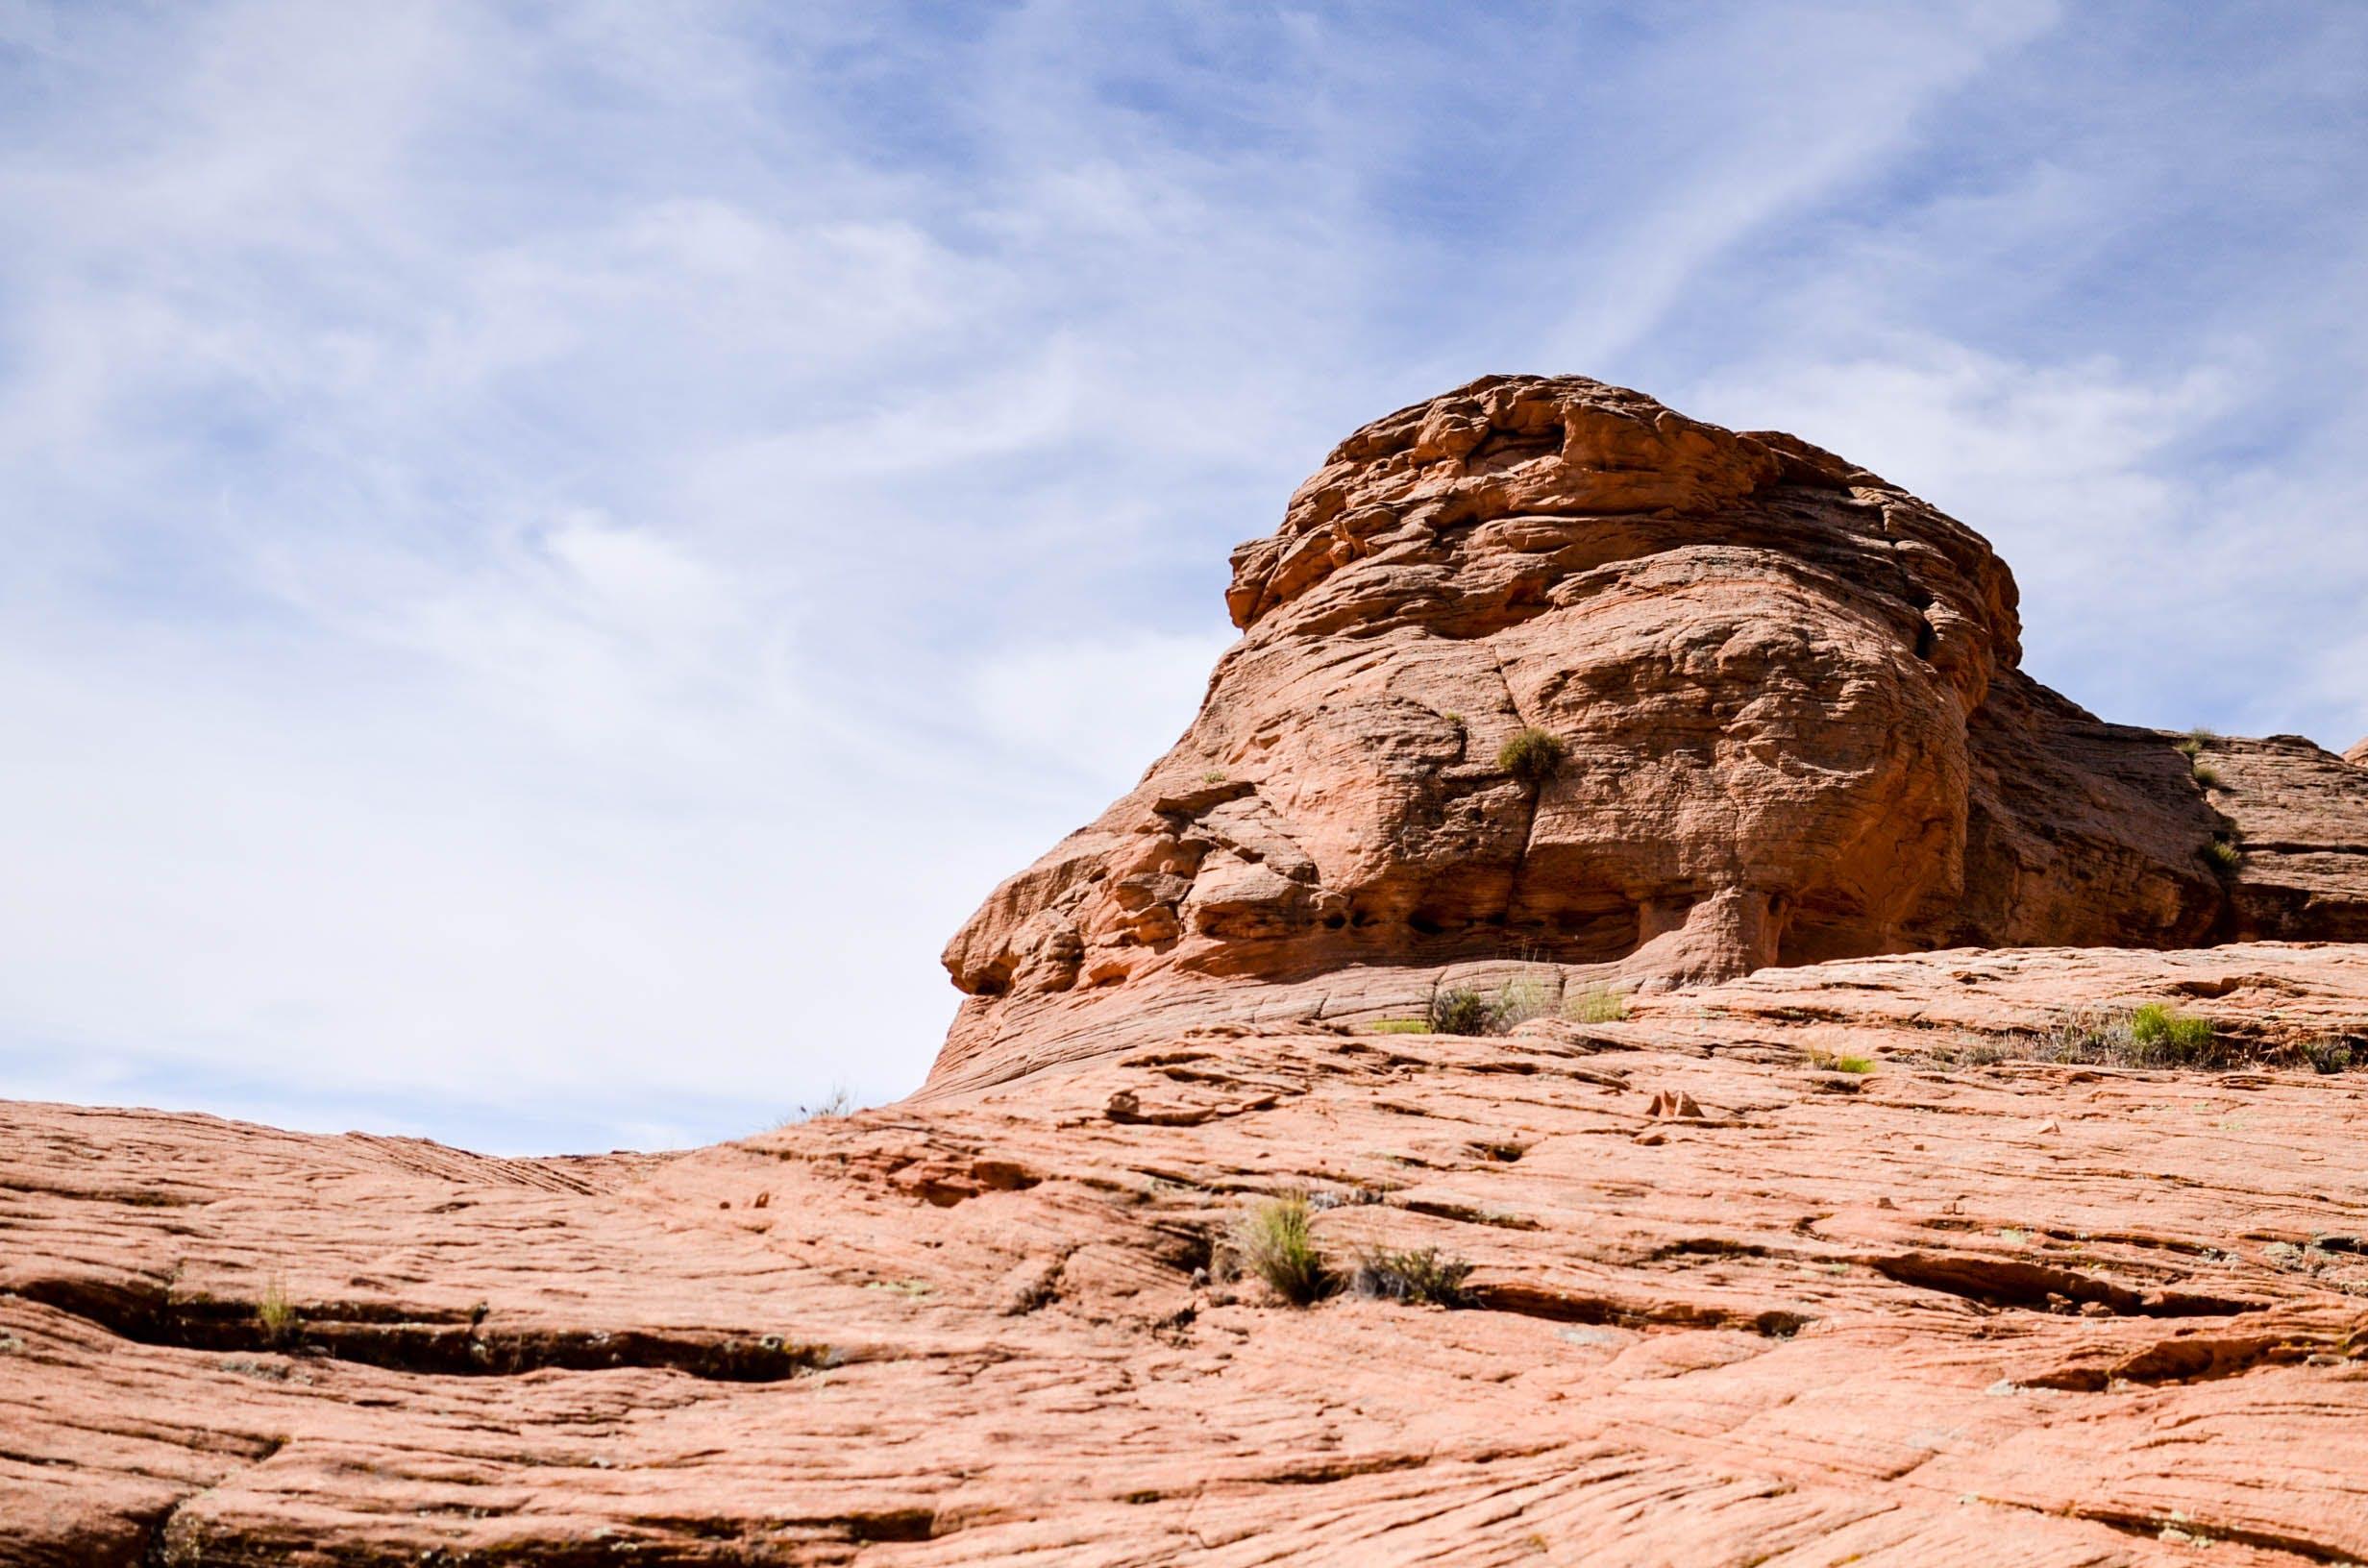 Δωρεάν στοκ φωτογραφιών με rock, άγονος, άμμος, άνυδρος